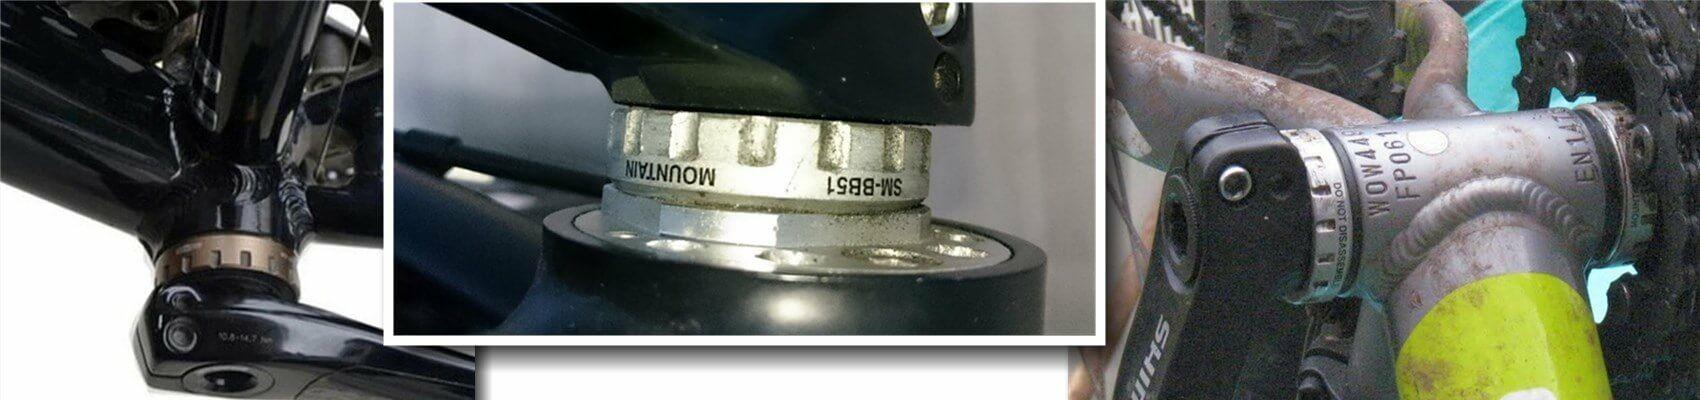 6k_középcsapágyak kompatibilitása melyik vázhoz milyen középcsapágy hajtómű